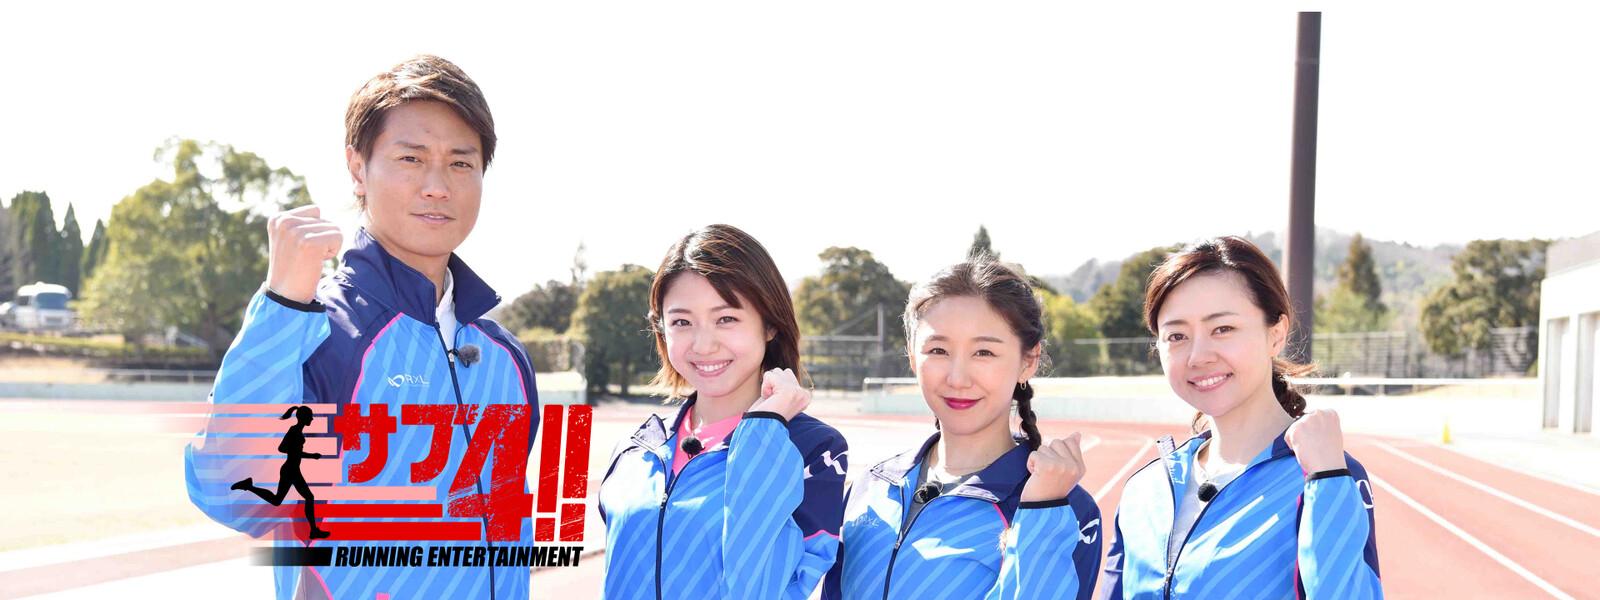 ランニングエンターテインメント サブ4!! シーズン2 動画